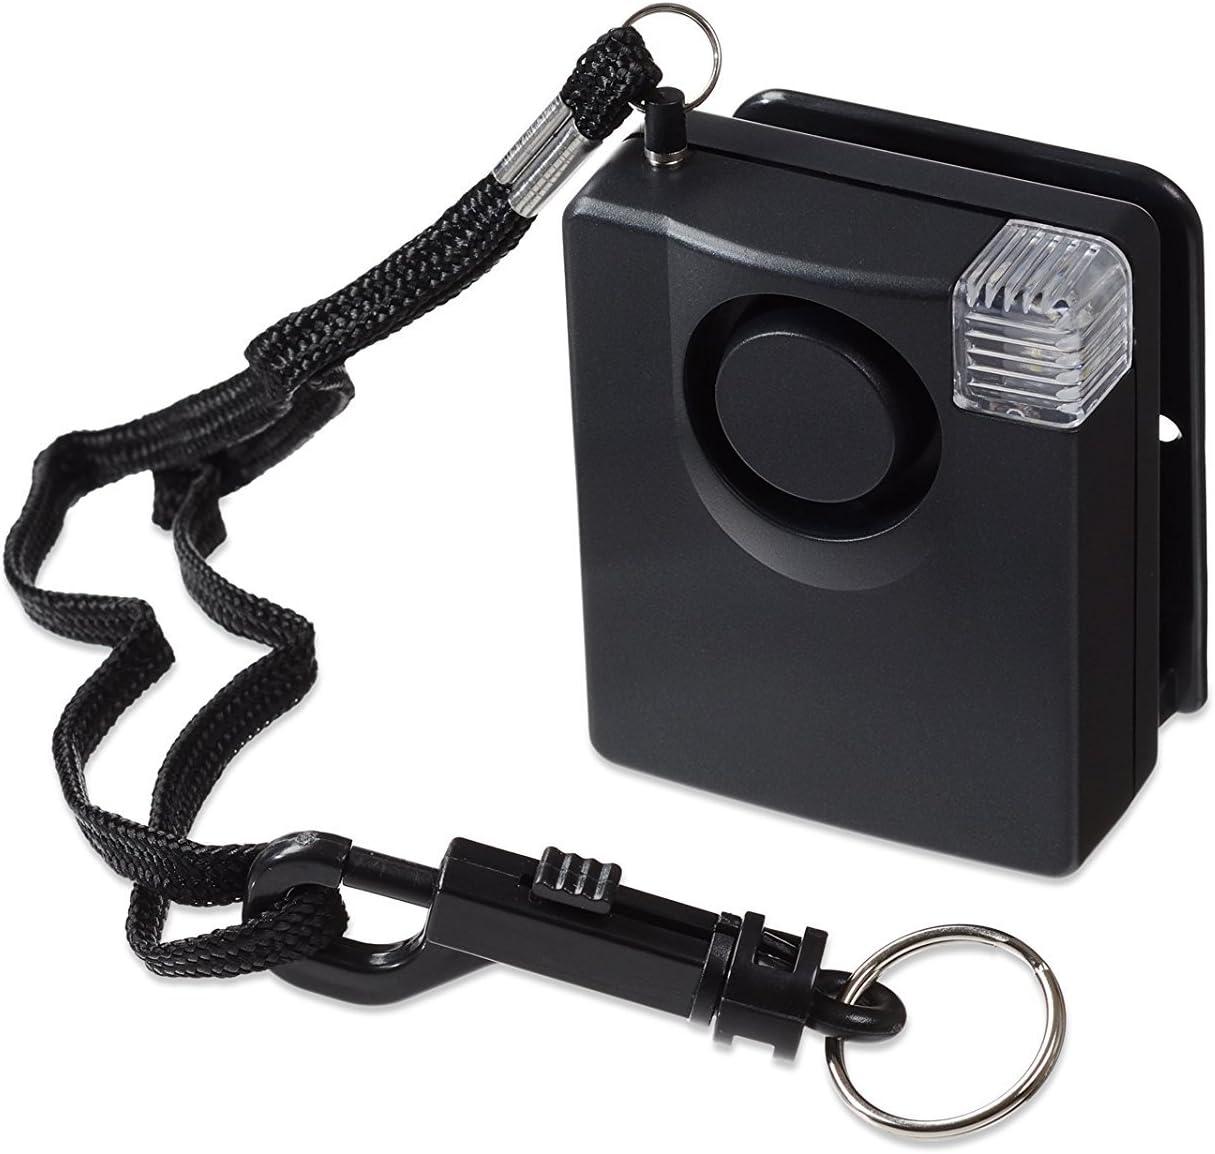 IIIT Polizei zugelassene pers/önliche Alarmvorrichtung 143 dBs Defender